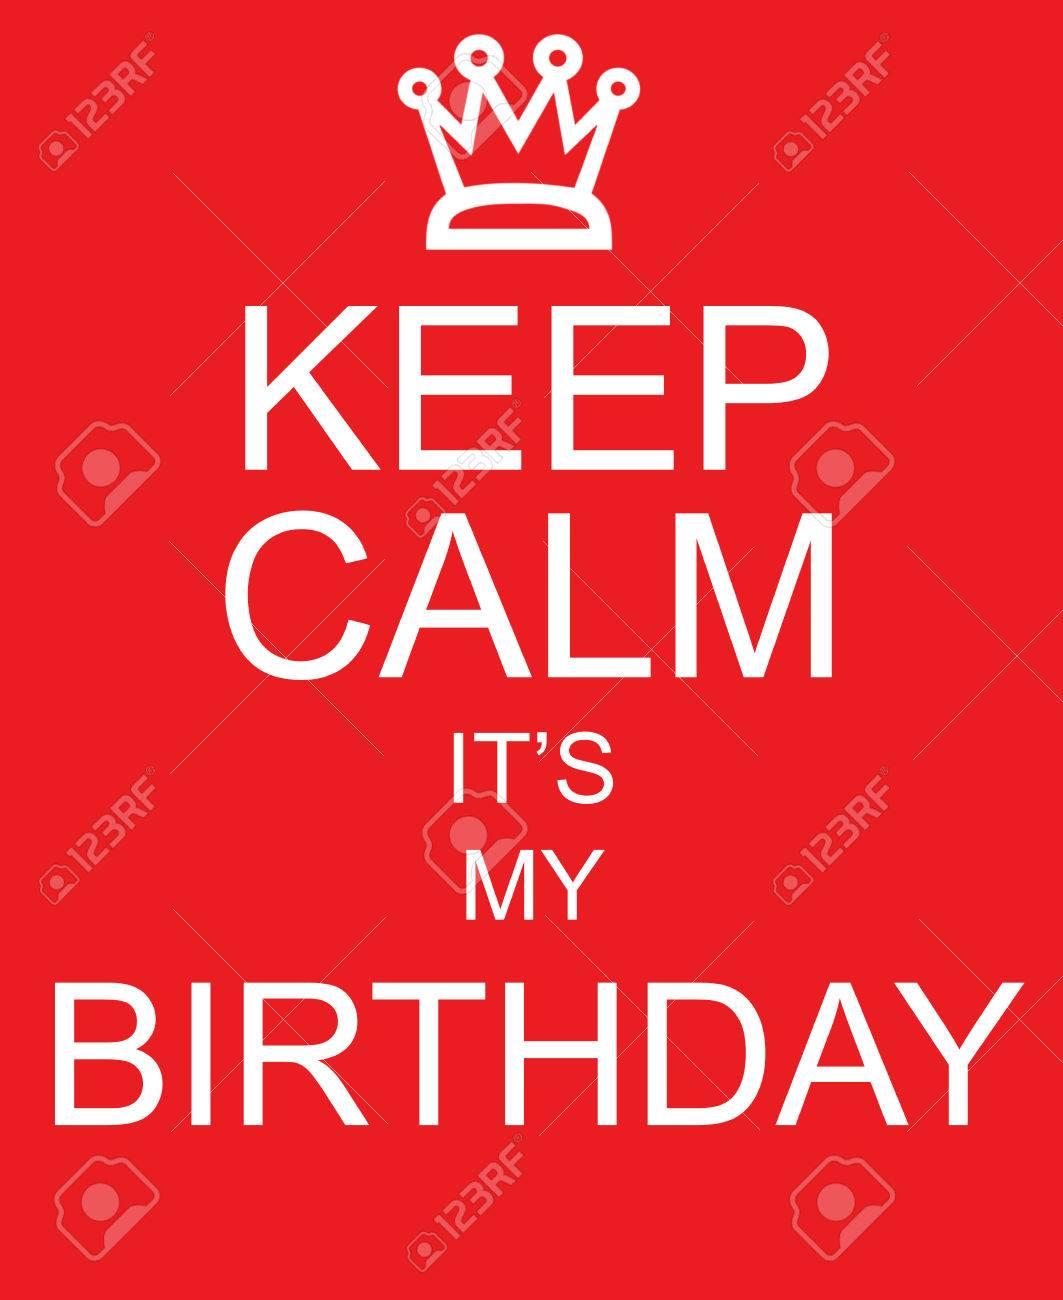 Immagini Stock Mantieni La Calma E Il Mio Compleanno Cartello